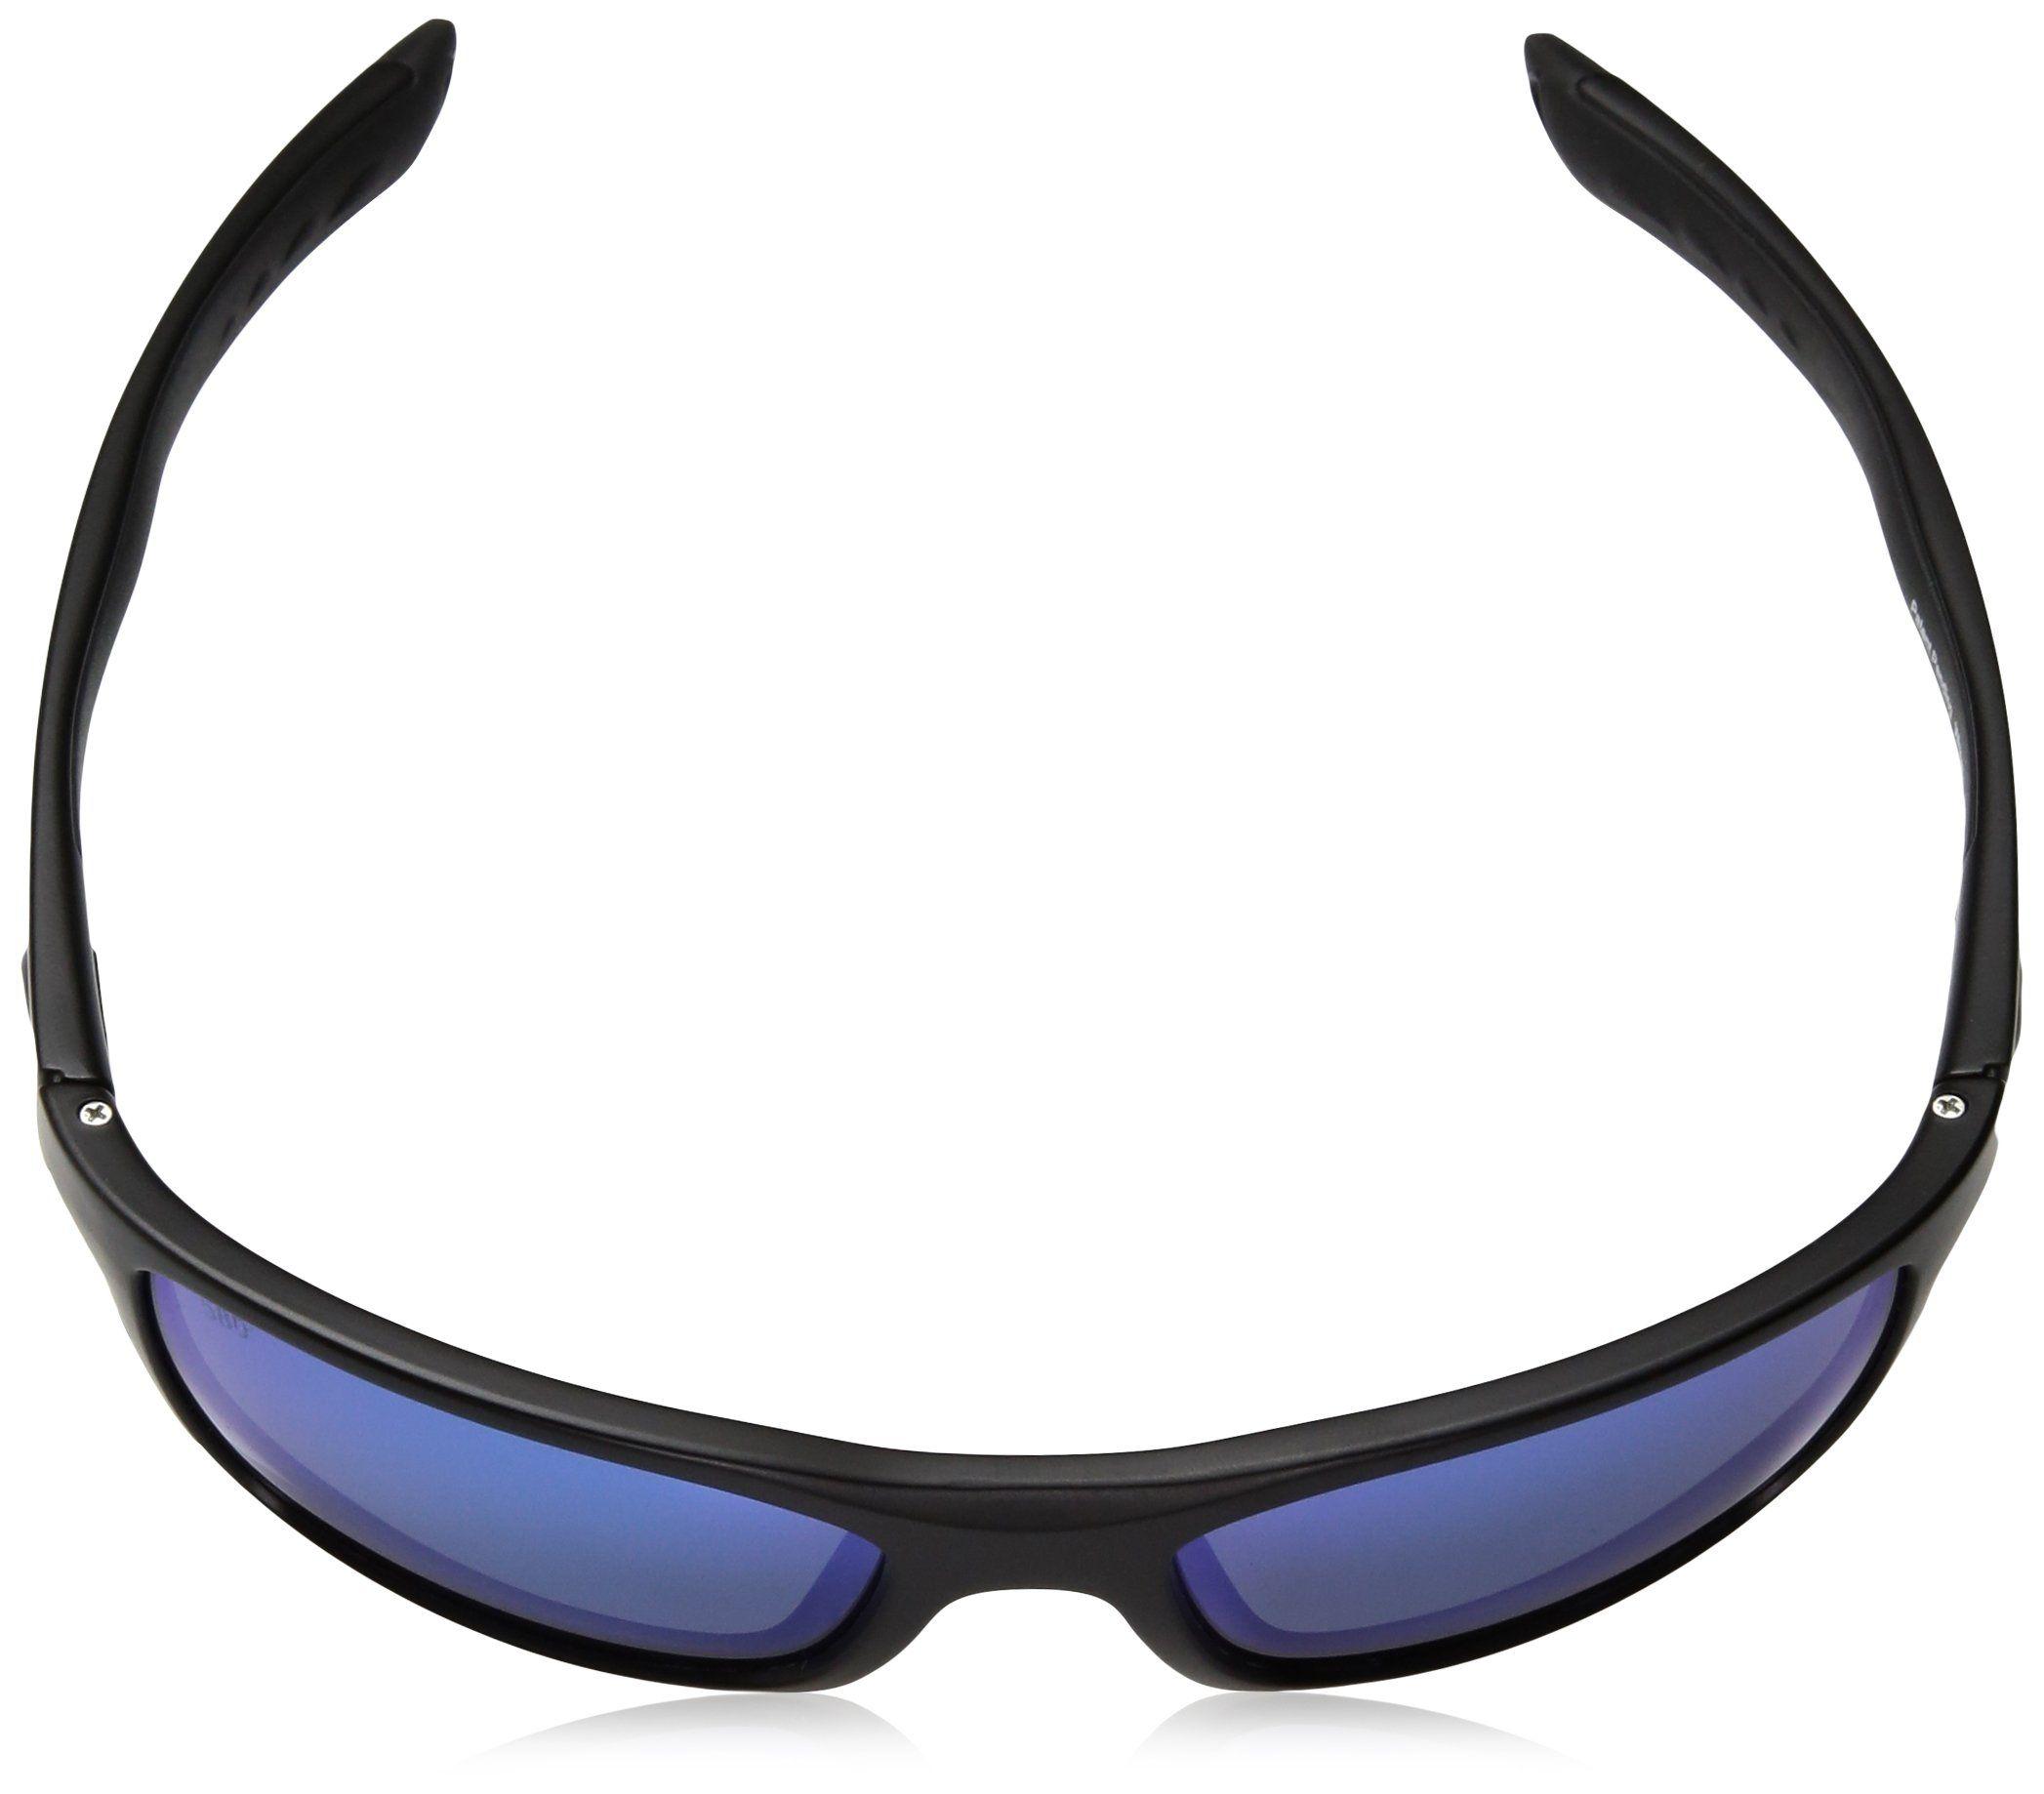 c56727b1c4 Costa del Mar Mens Whitetip Polarized Iridium Rectangular Sunglasses  Blackout 58 mm -- Be sure